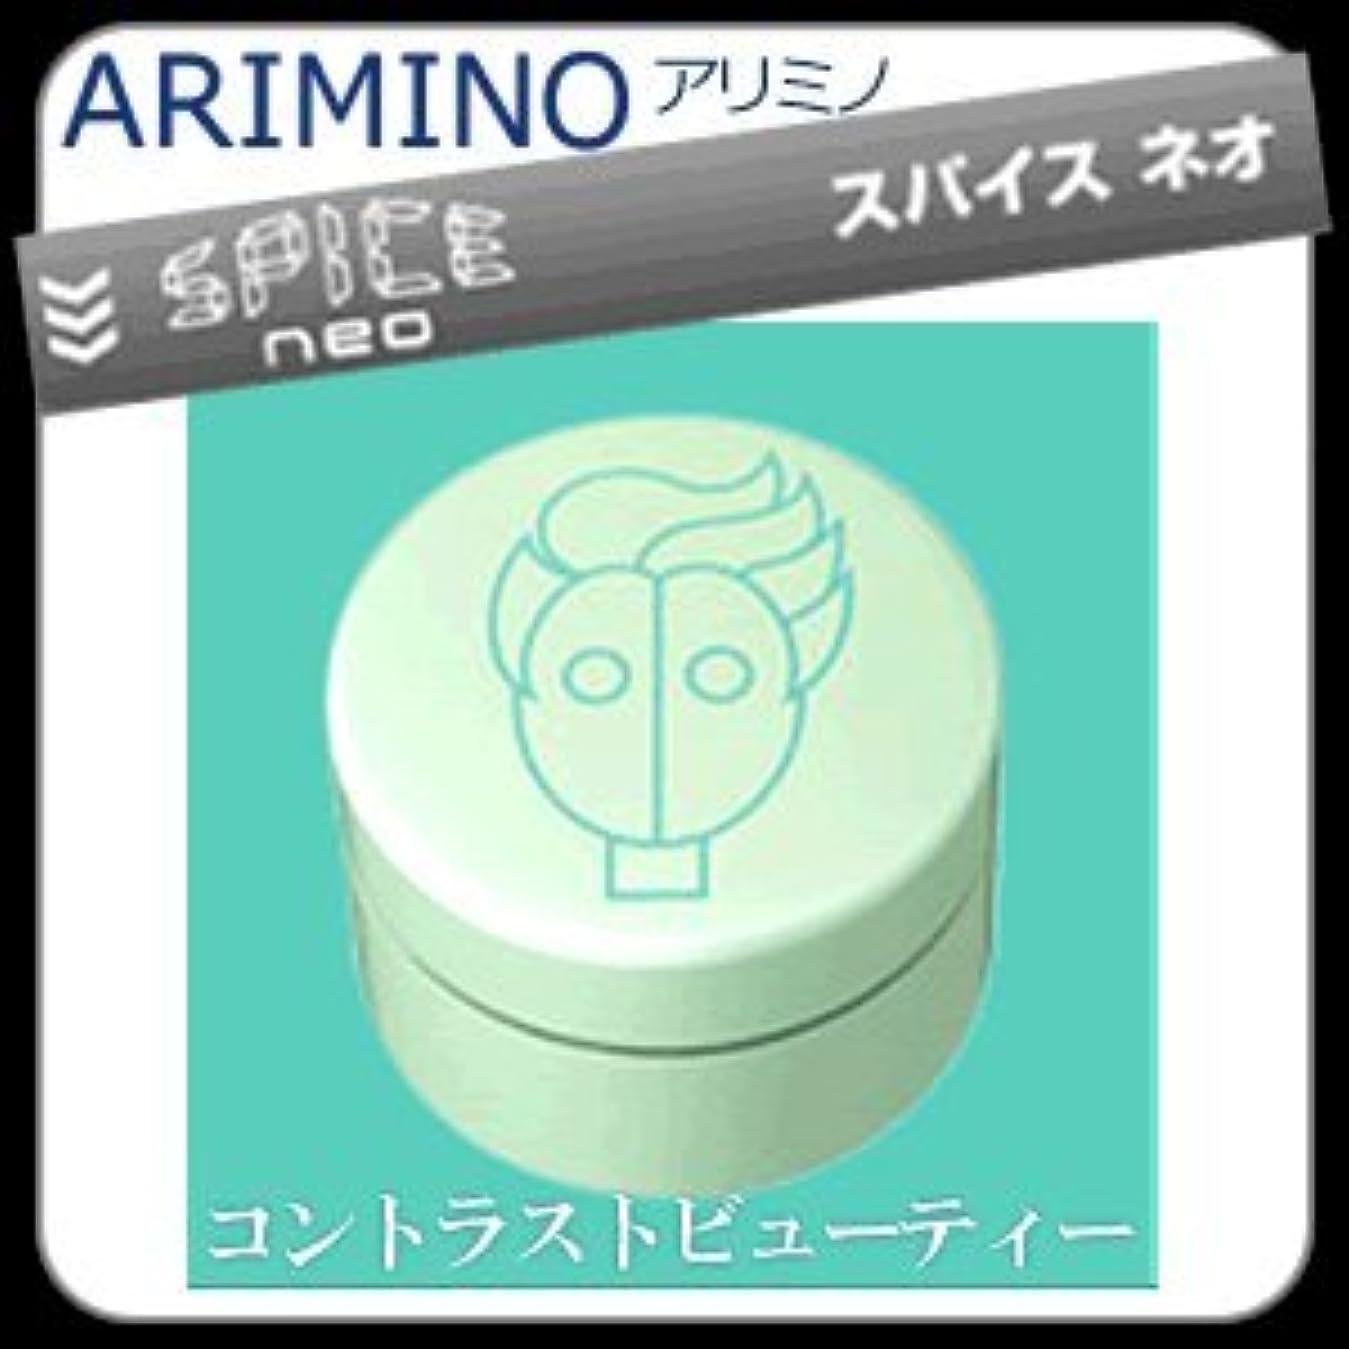 スラック克服する健全【X4個セット】 アリミノ スパイスネオ GREASE-WAX グリースワックス 100g ARIMINO SPICE neo